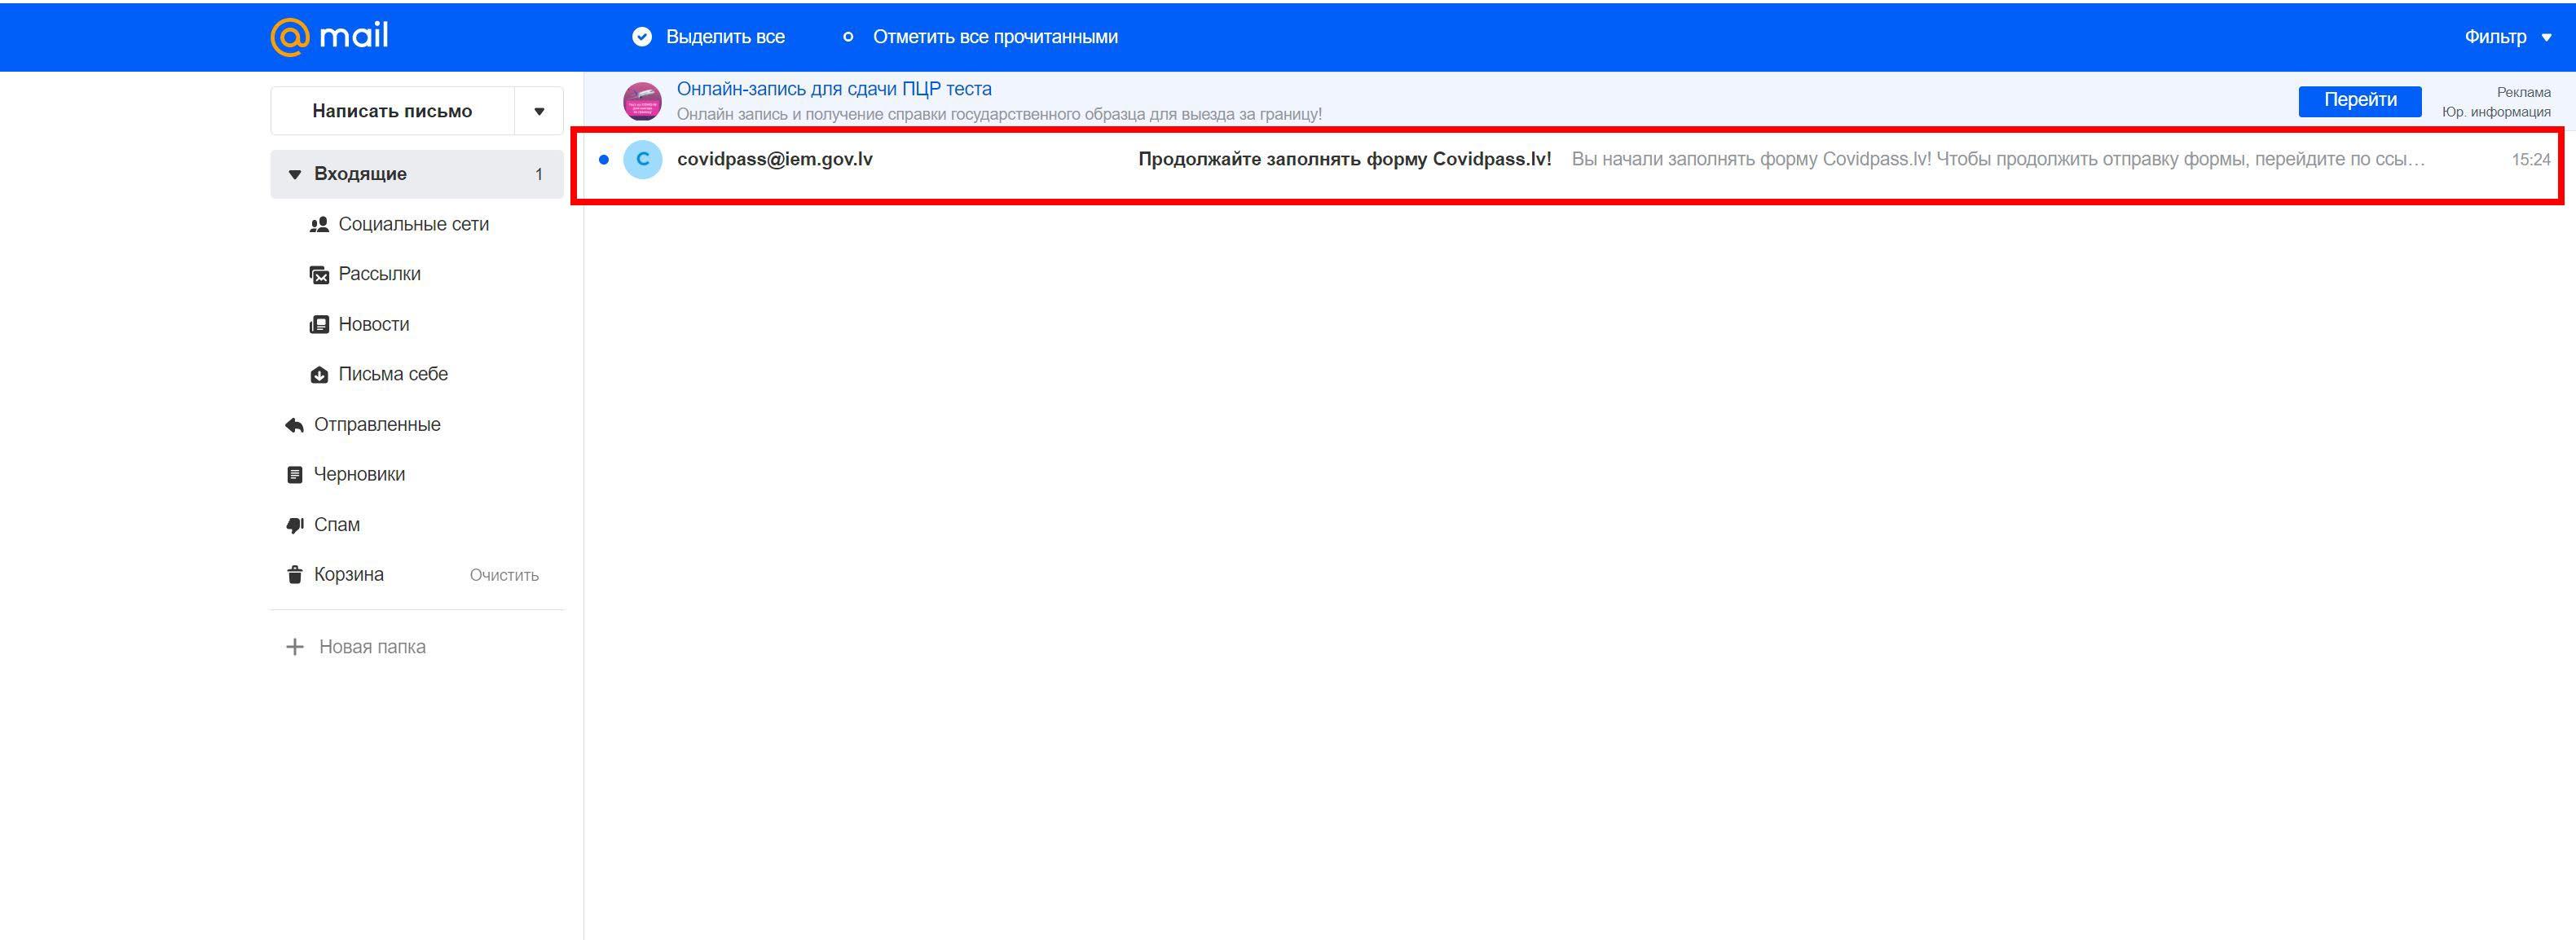 Заполнение QR кода при путешествии на автобусе Tallinn - Minsk от VR Lines